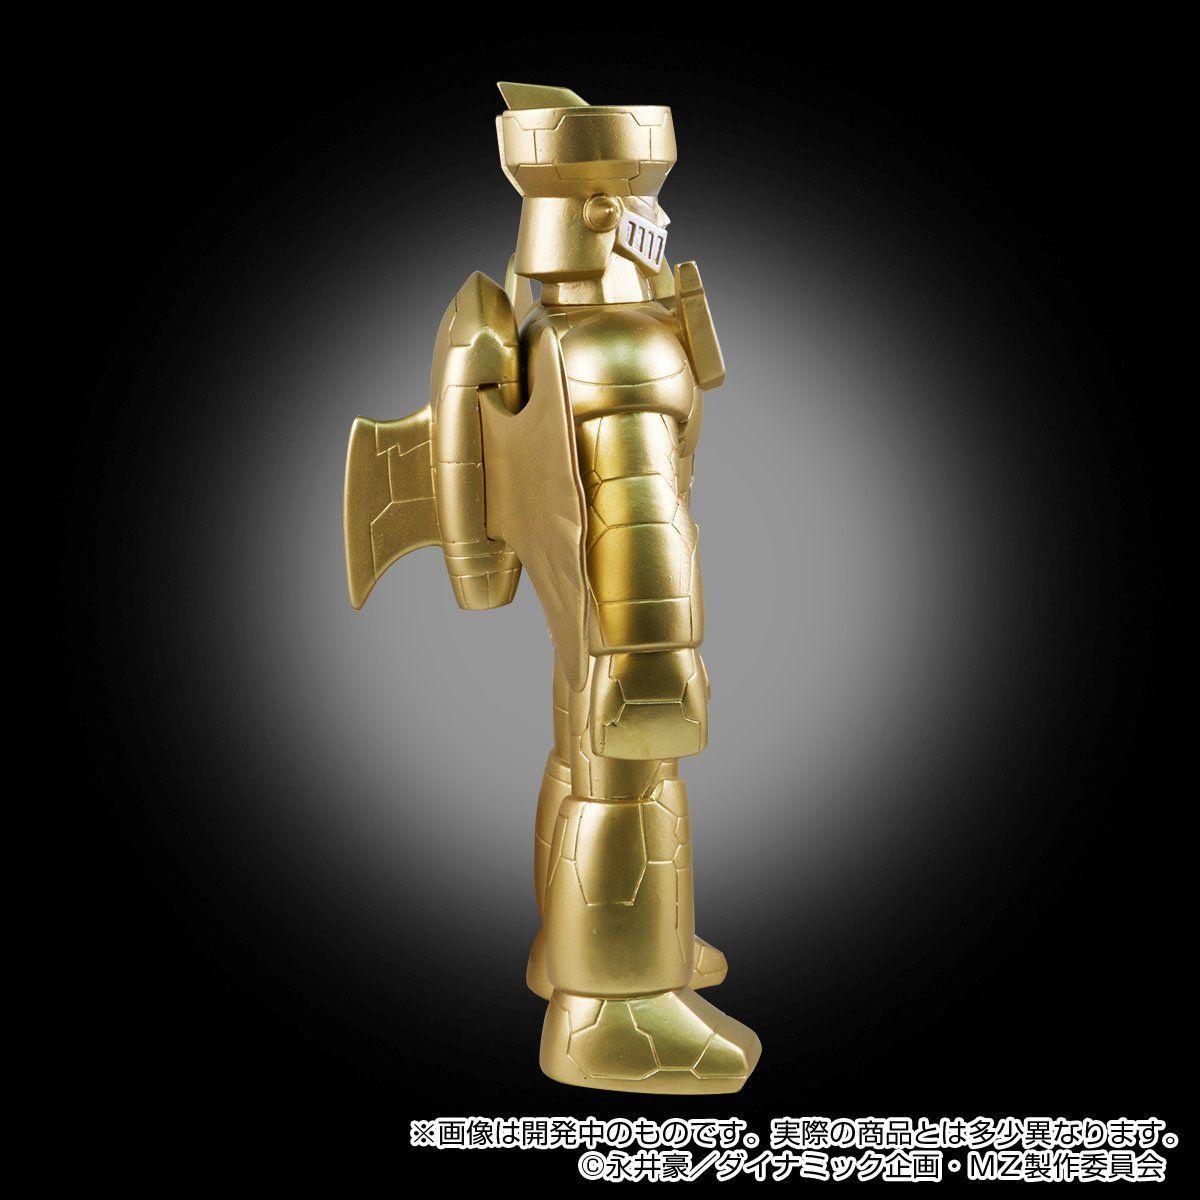 ブルマァクソフビ『マジンガーZ INFINITY|ジェットスクランダー付〔ゴールドVer.〕』ソフビ・フィギュア-002